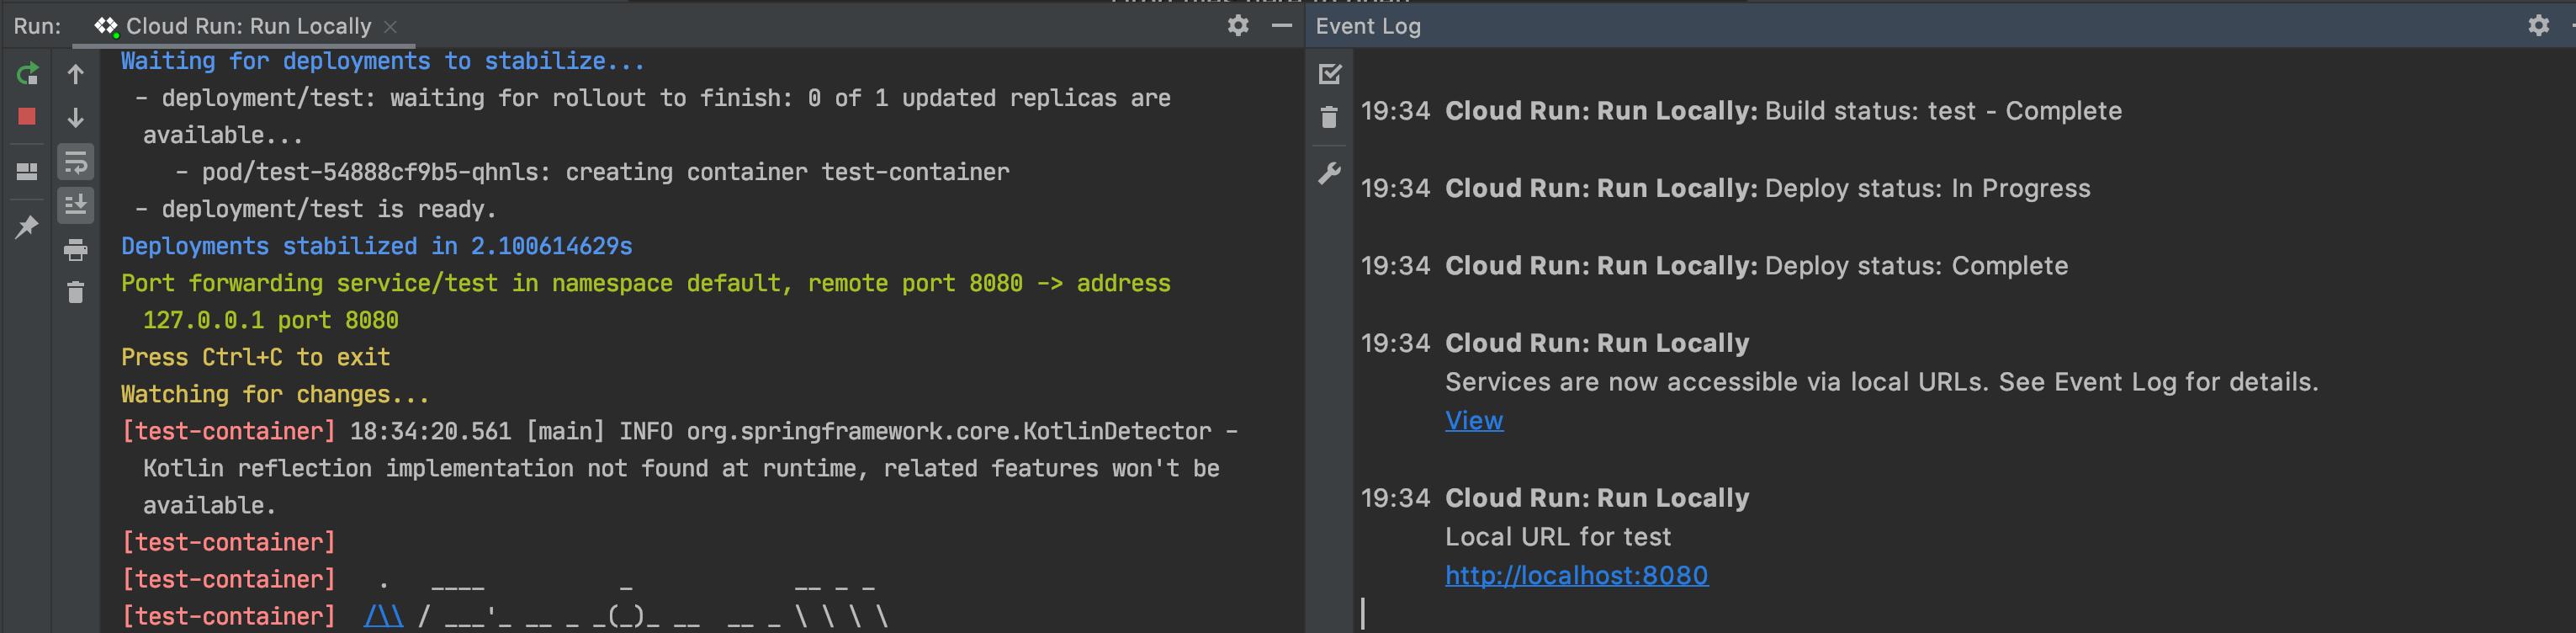 Log de eventos com notificação e URL de implantação de sucesso para visualizar o aplicativo